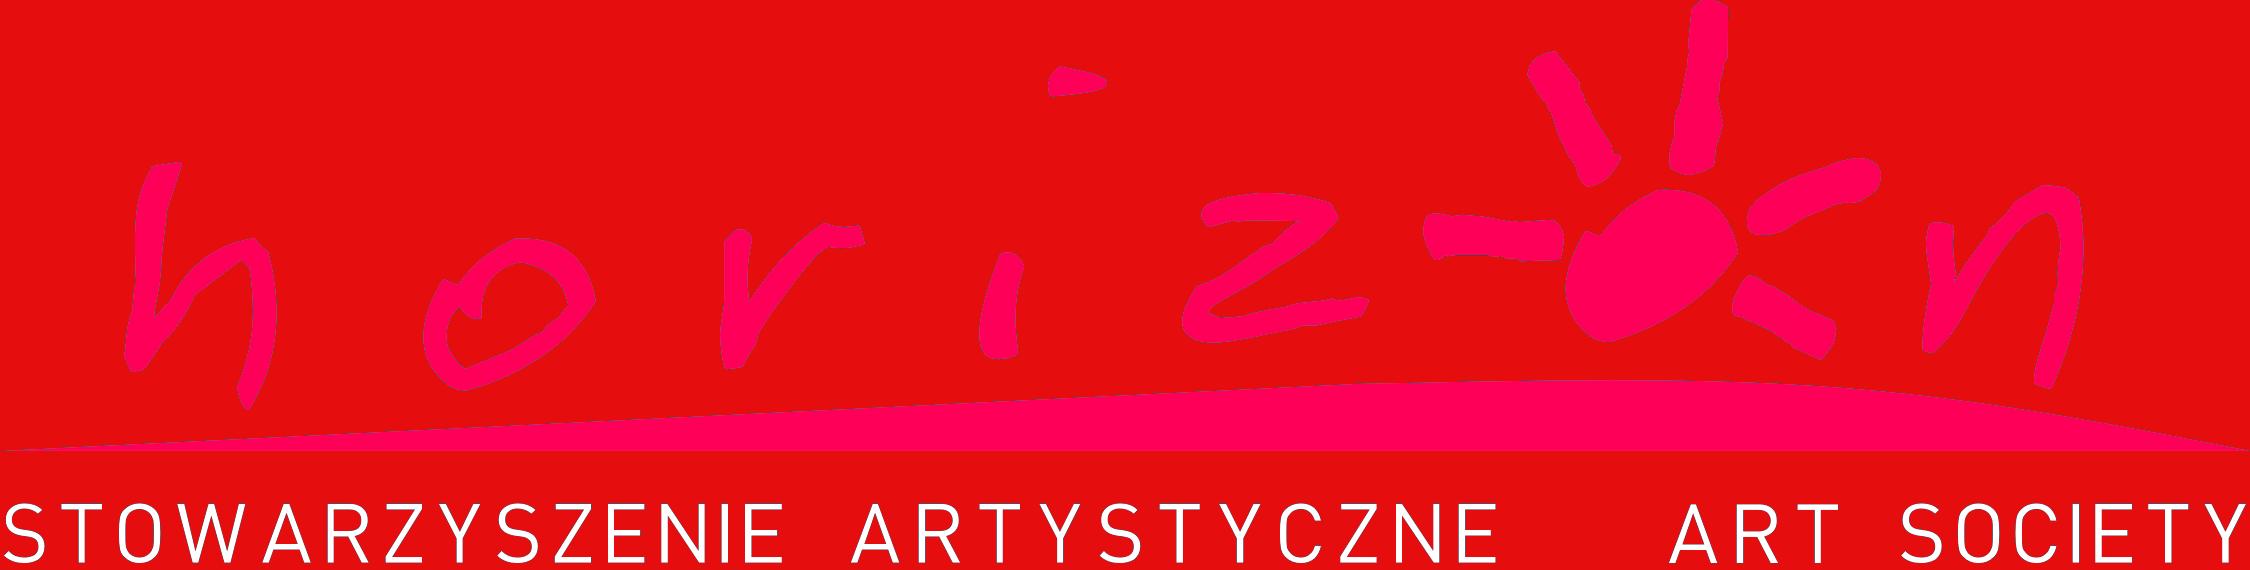 Stowarzyszenie Artystyczne HORIZON